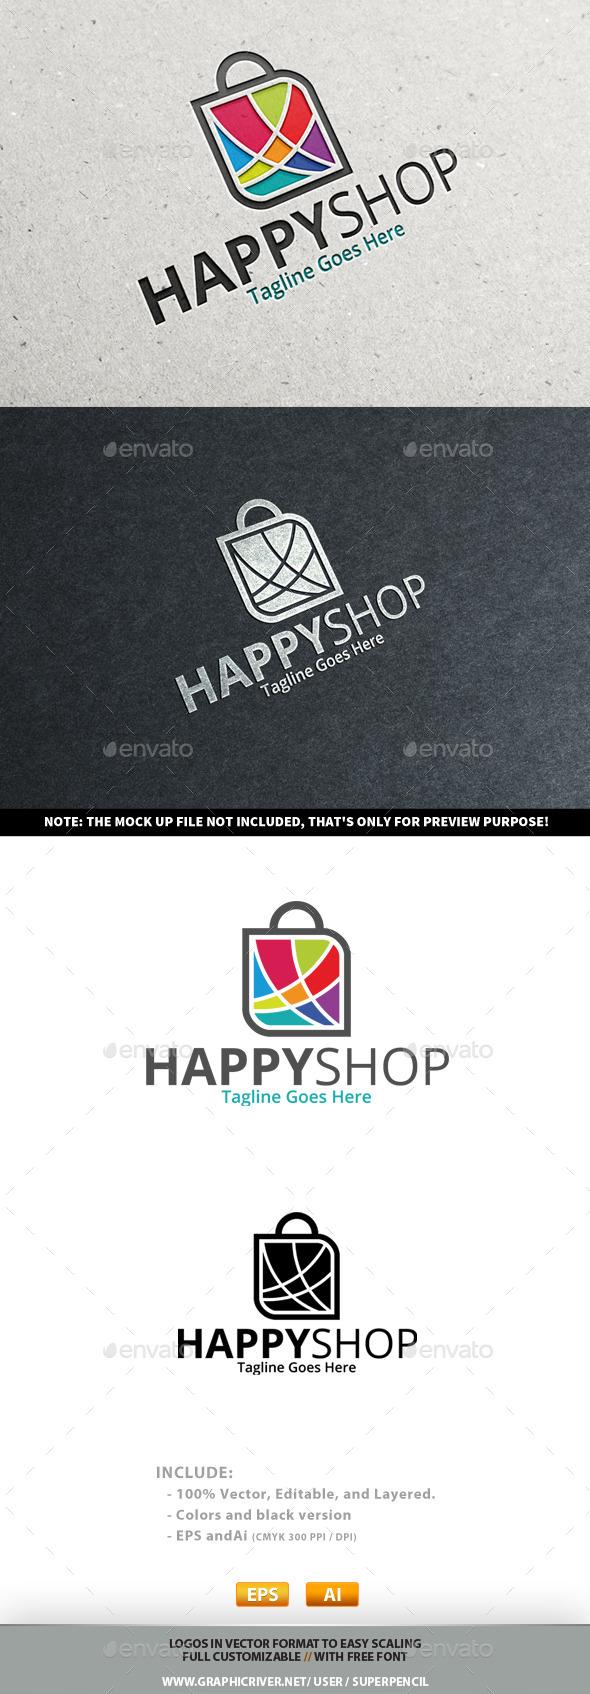 GraphicRiver Happy Shop Logo 10881326